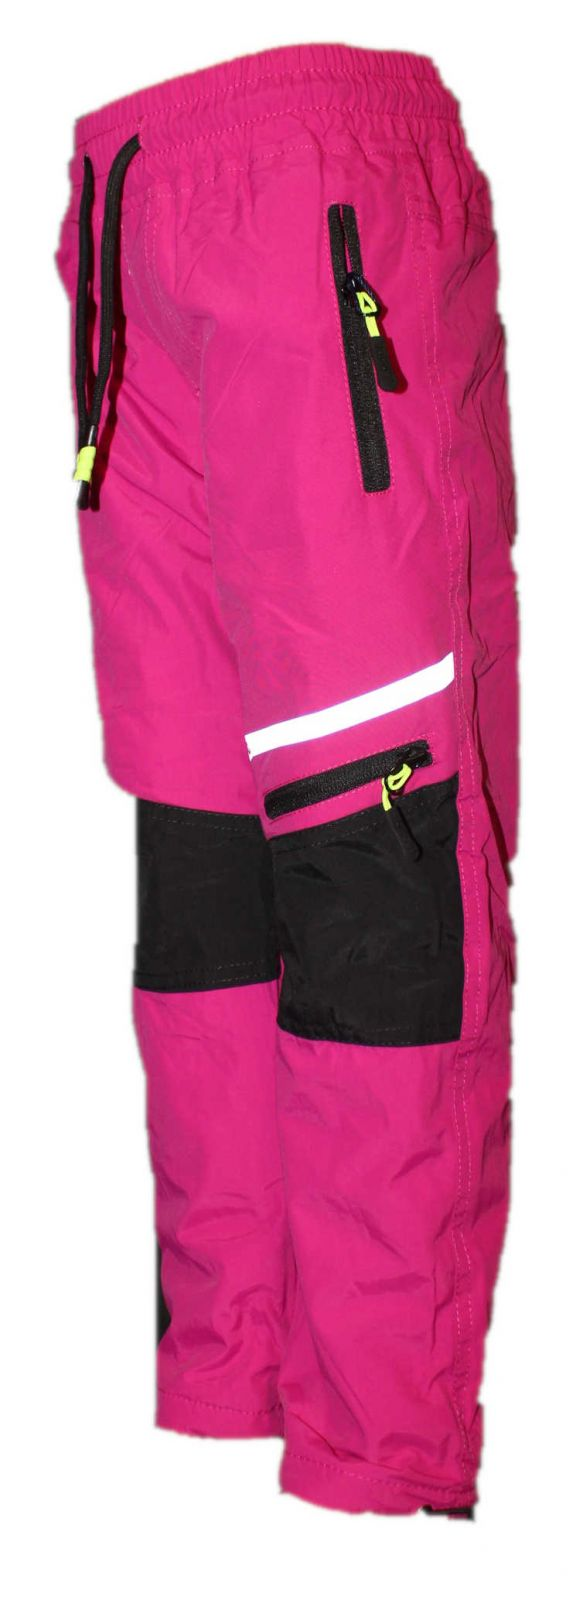 Dětské zateplené nepromokavé kalhoty zimní kalhoty zateplené kalhoty Sezon